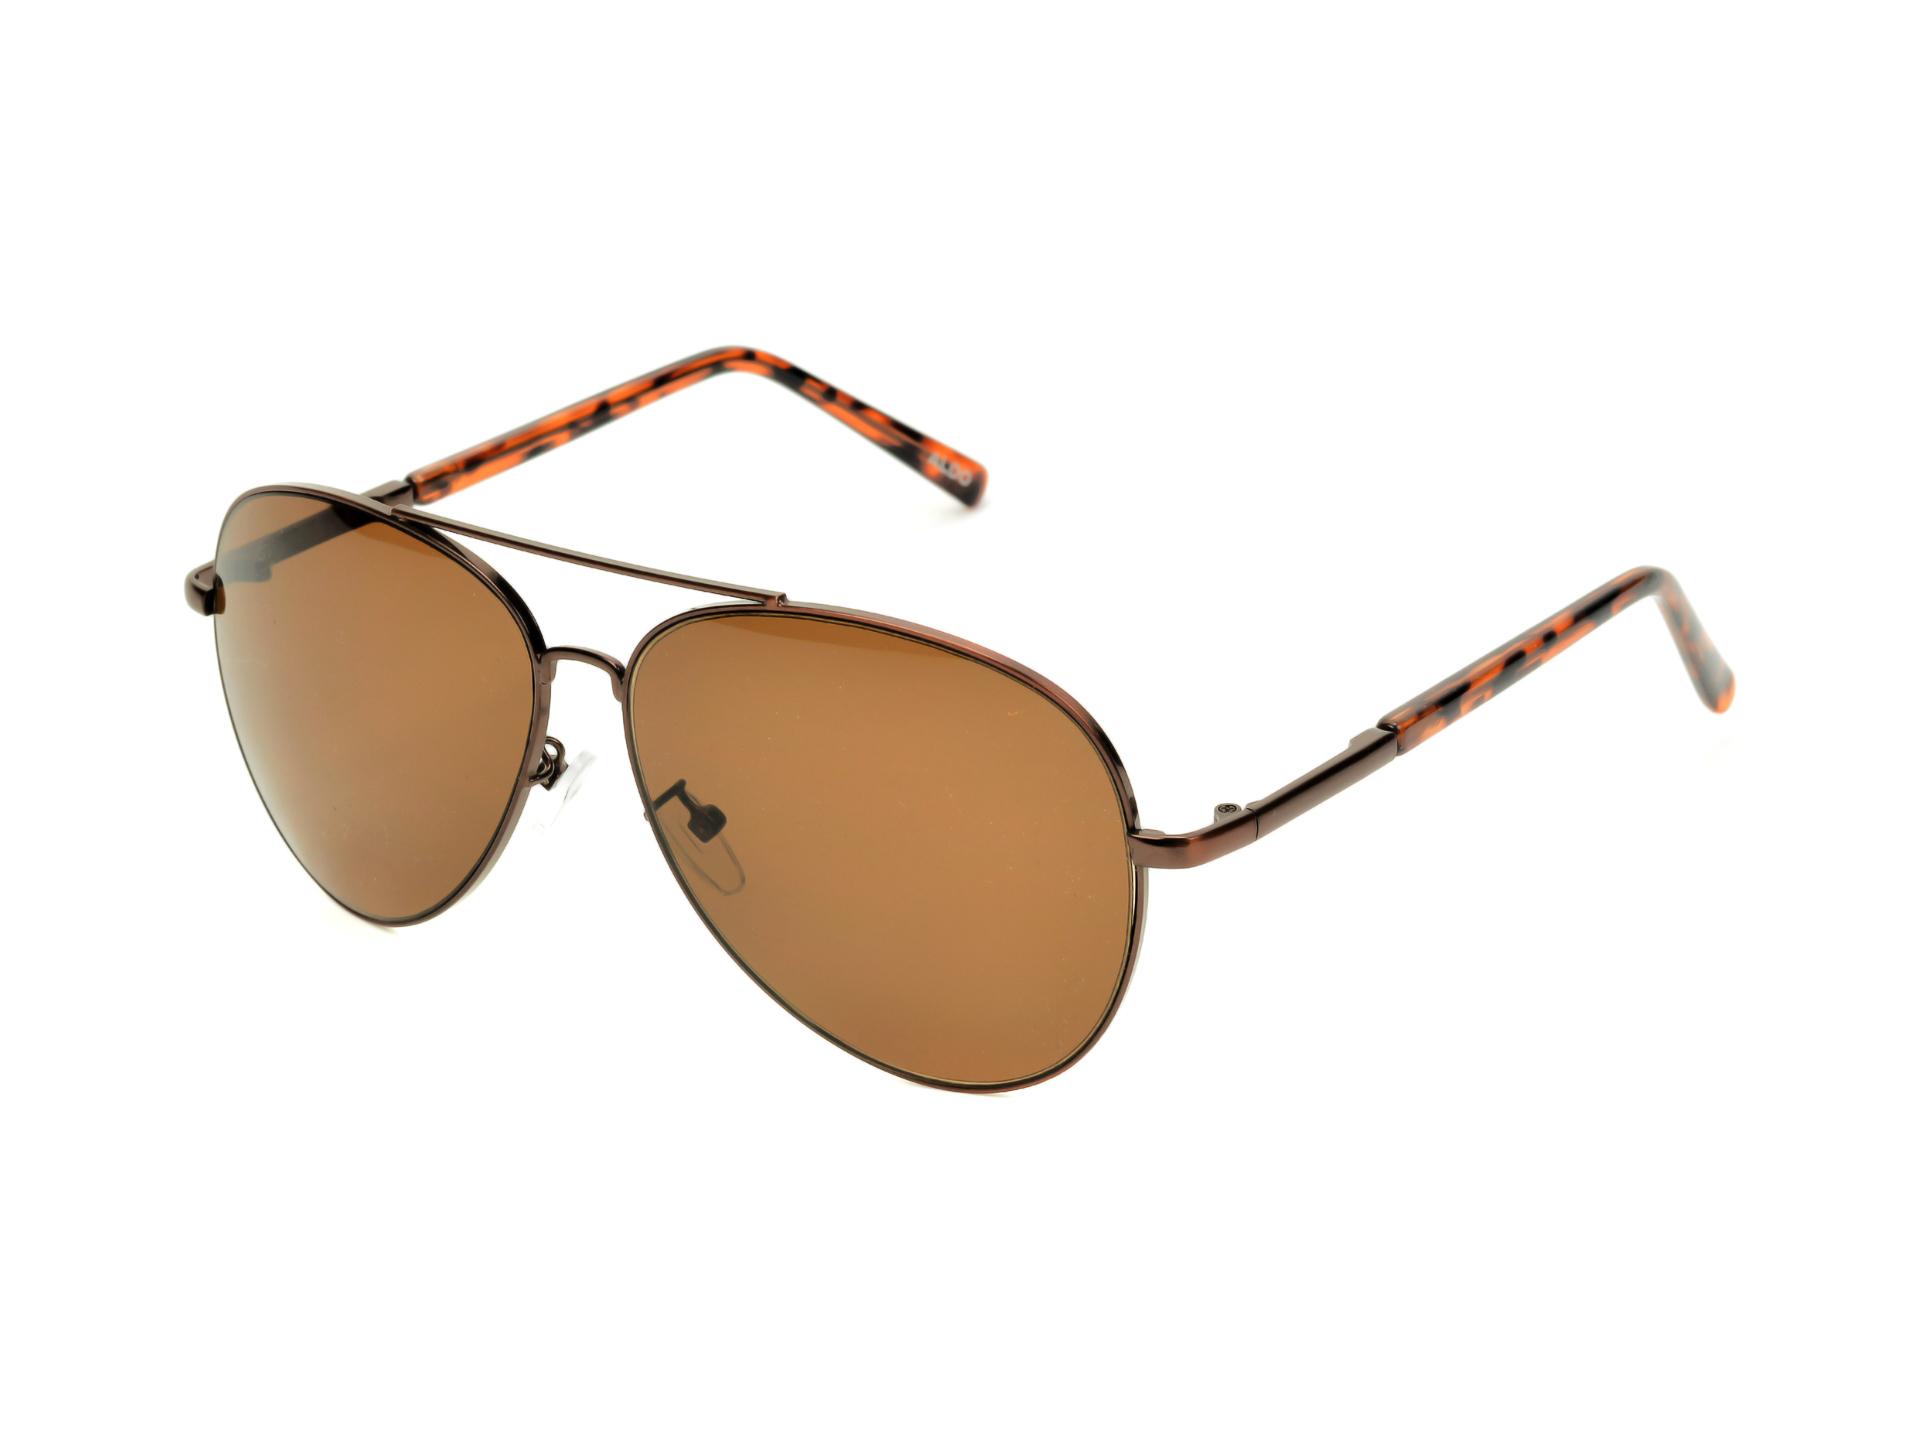 Ochelari de soare ALDO bronz, Potoroo222, din PVC imagine